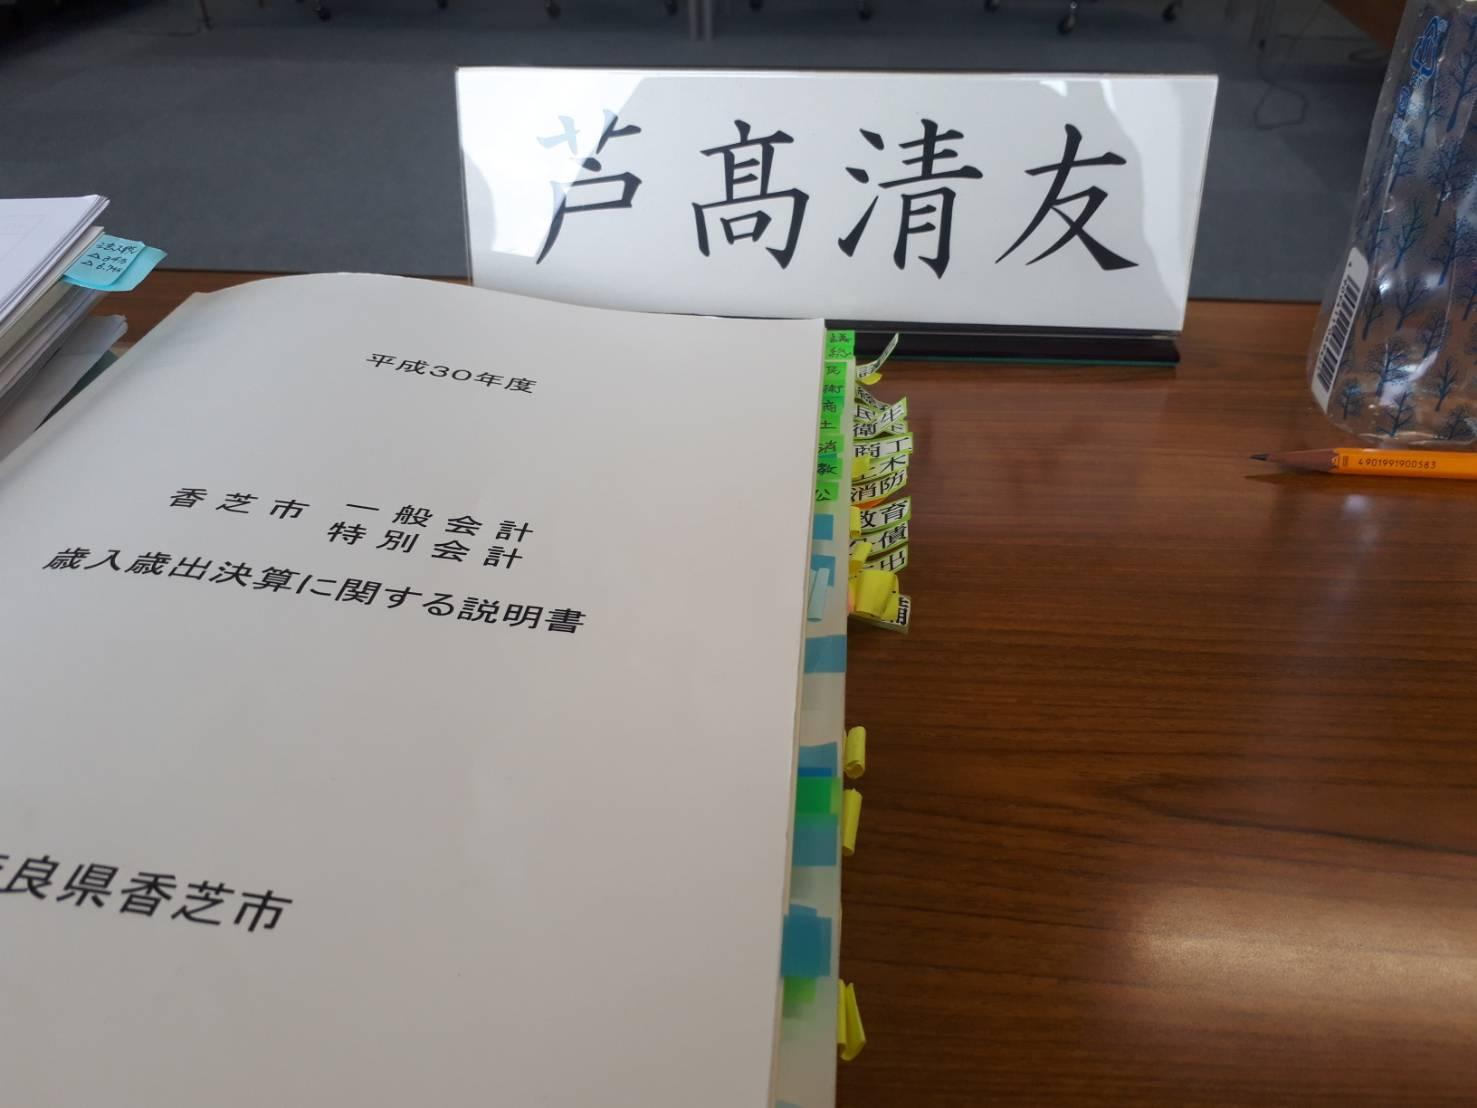 決算特別委員会・副委員長・二日目@香芝市議会